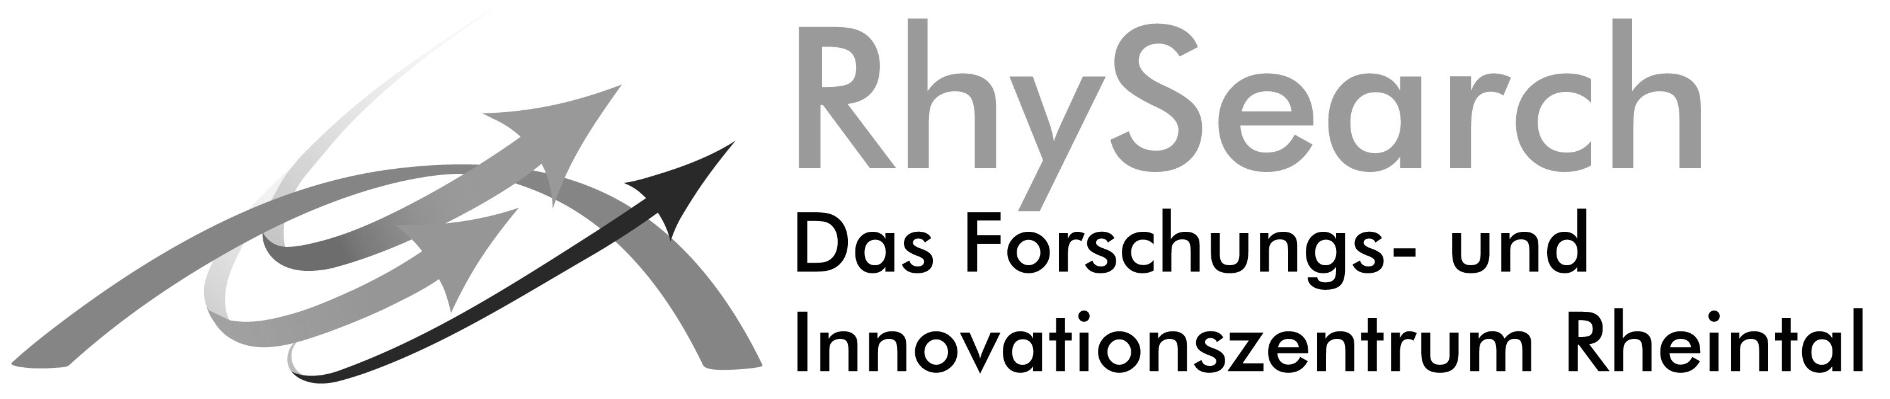 RhySearch Das Forschungs- und Innovationszentrum Rheintal